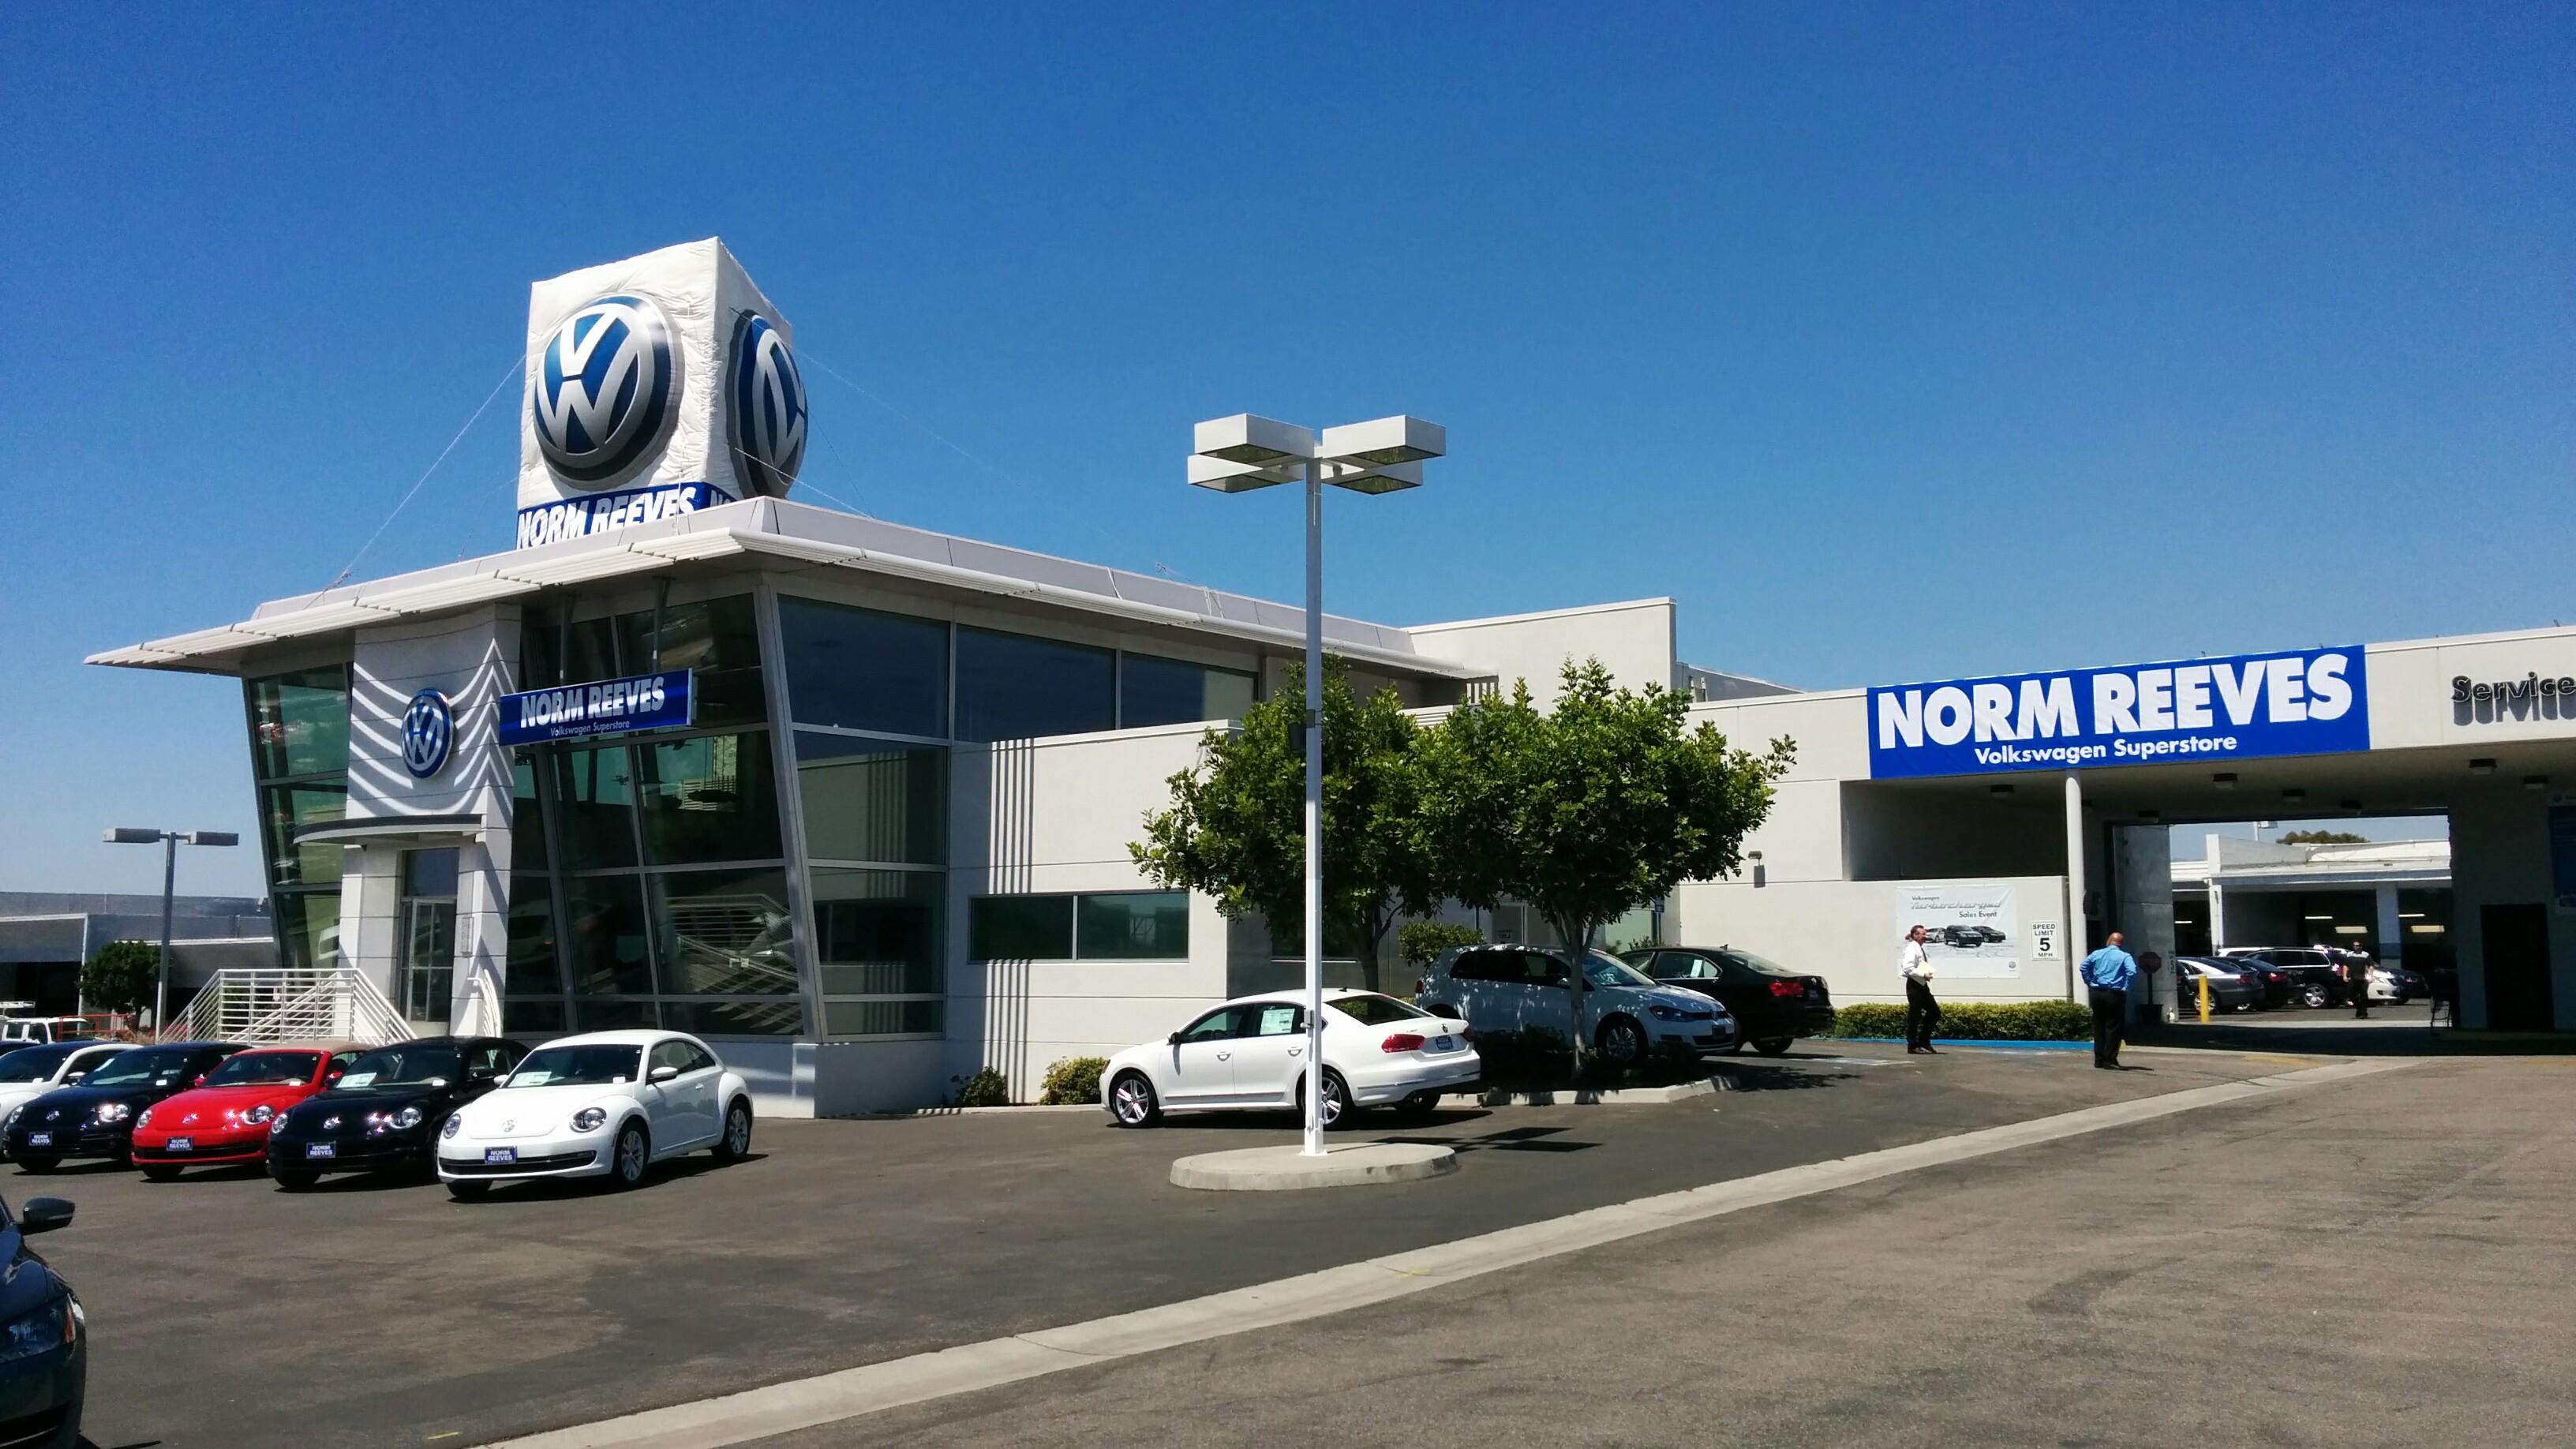 Norm Reeves Volkswagen Superstore In Irvine Ca 949 830 7300